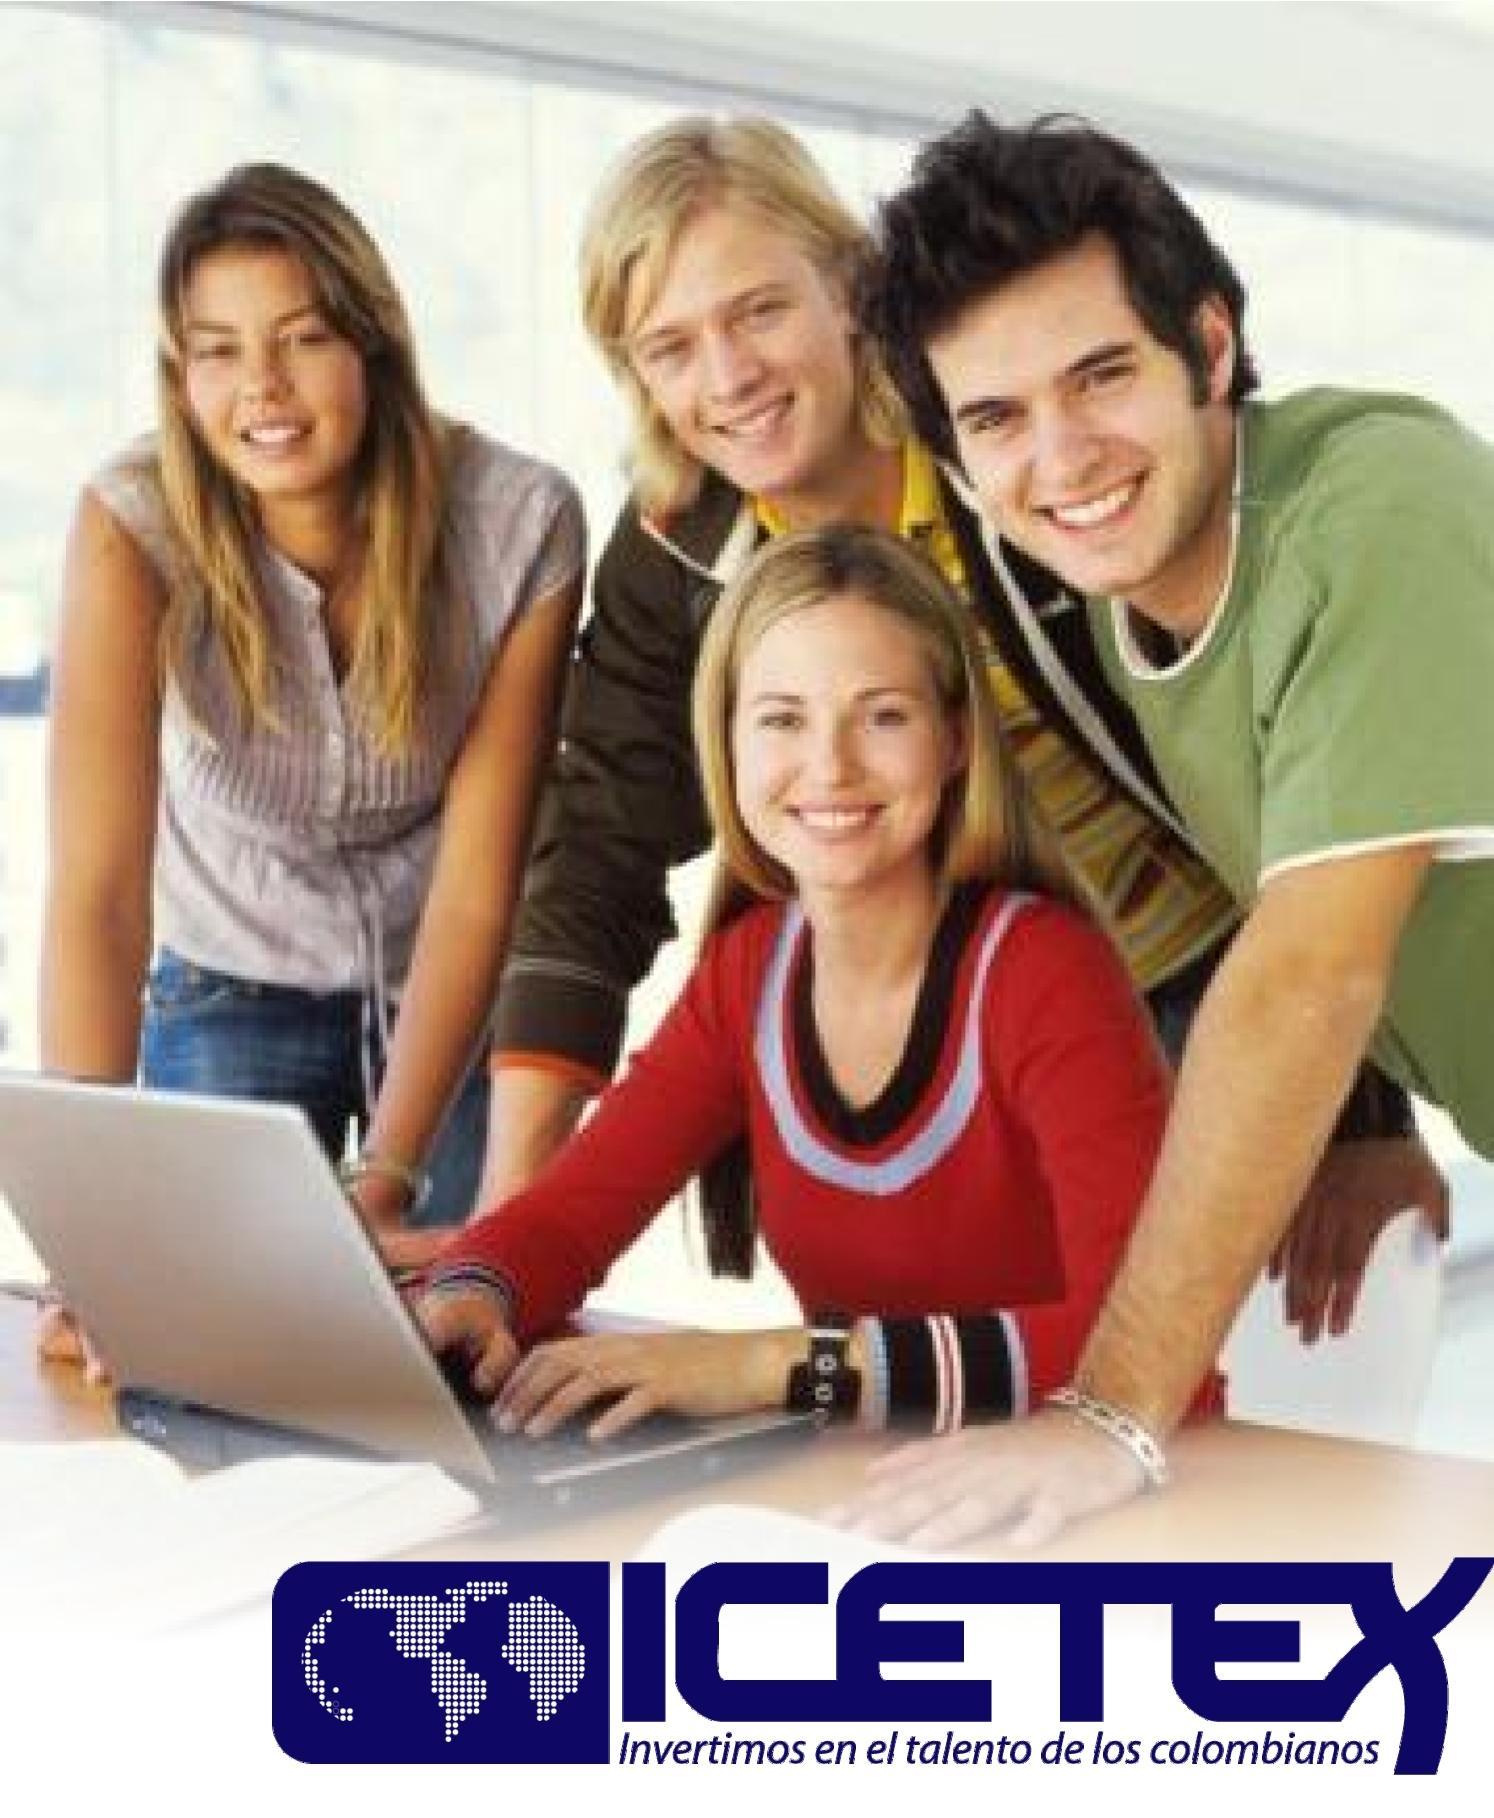 http://tecnoautos.com/wp-content/uploads/2011/01/universitarios-icetex.jpg?fb01da